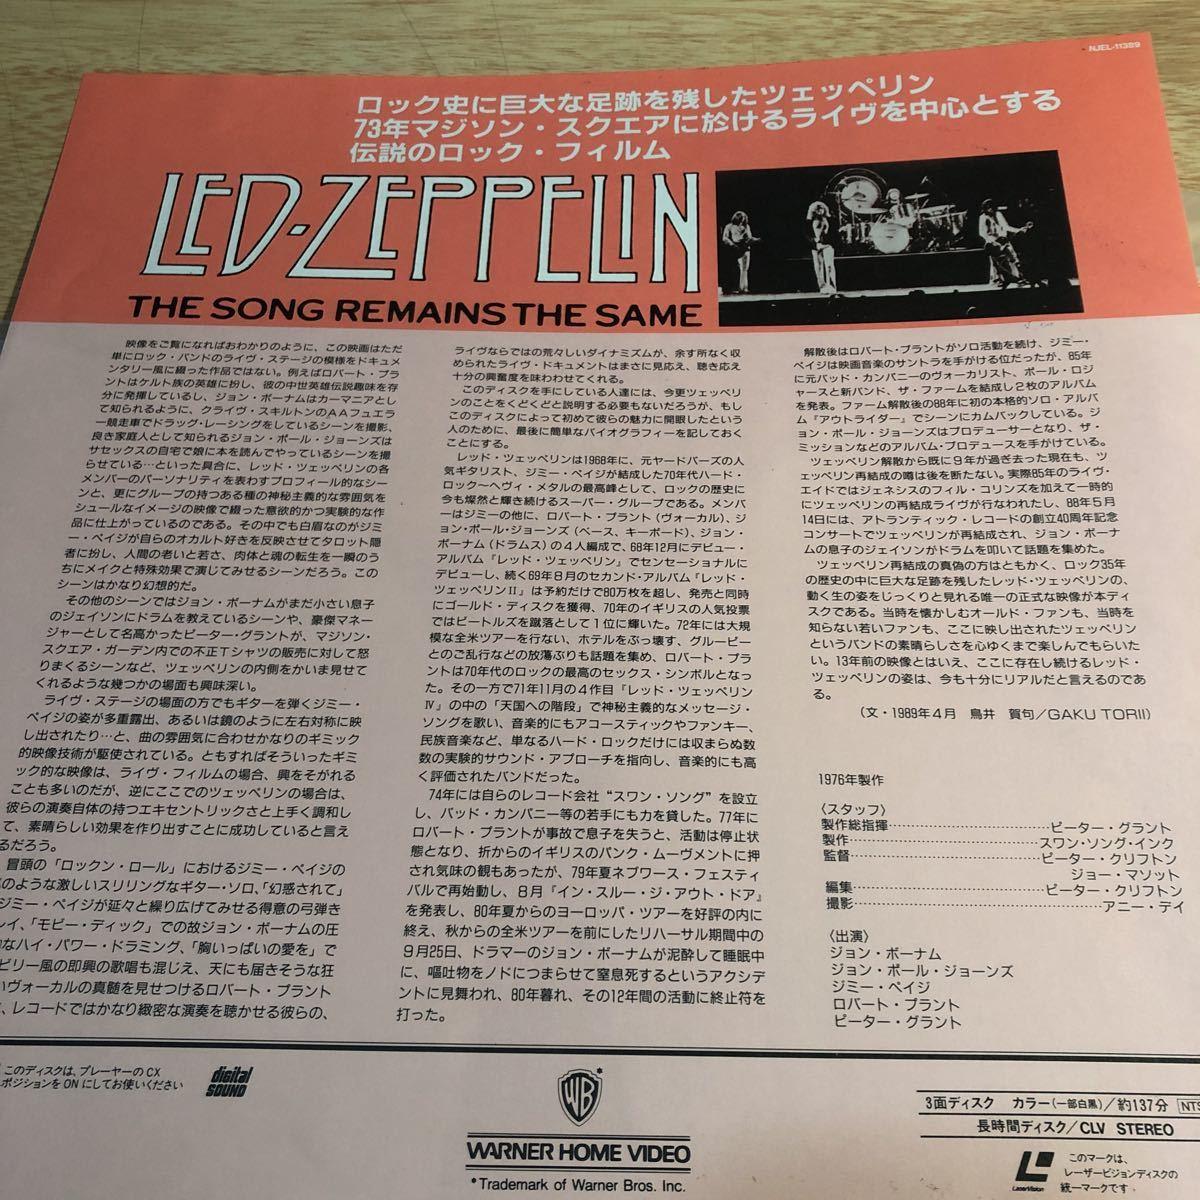 レーザーディスク★ロック ★レッドツェッペリン★ 狂熱のライヴ LED ZEPPELIN THE SONG REMAINS THE SAME_画像3